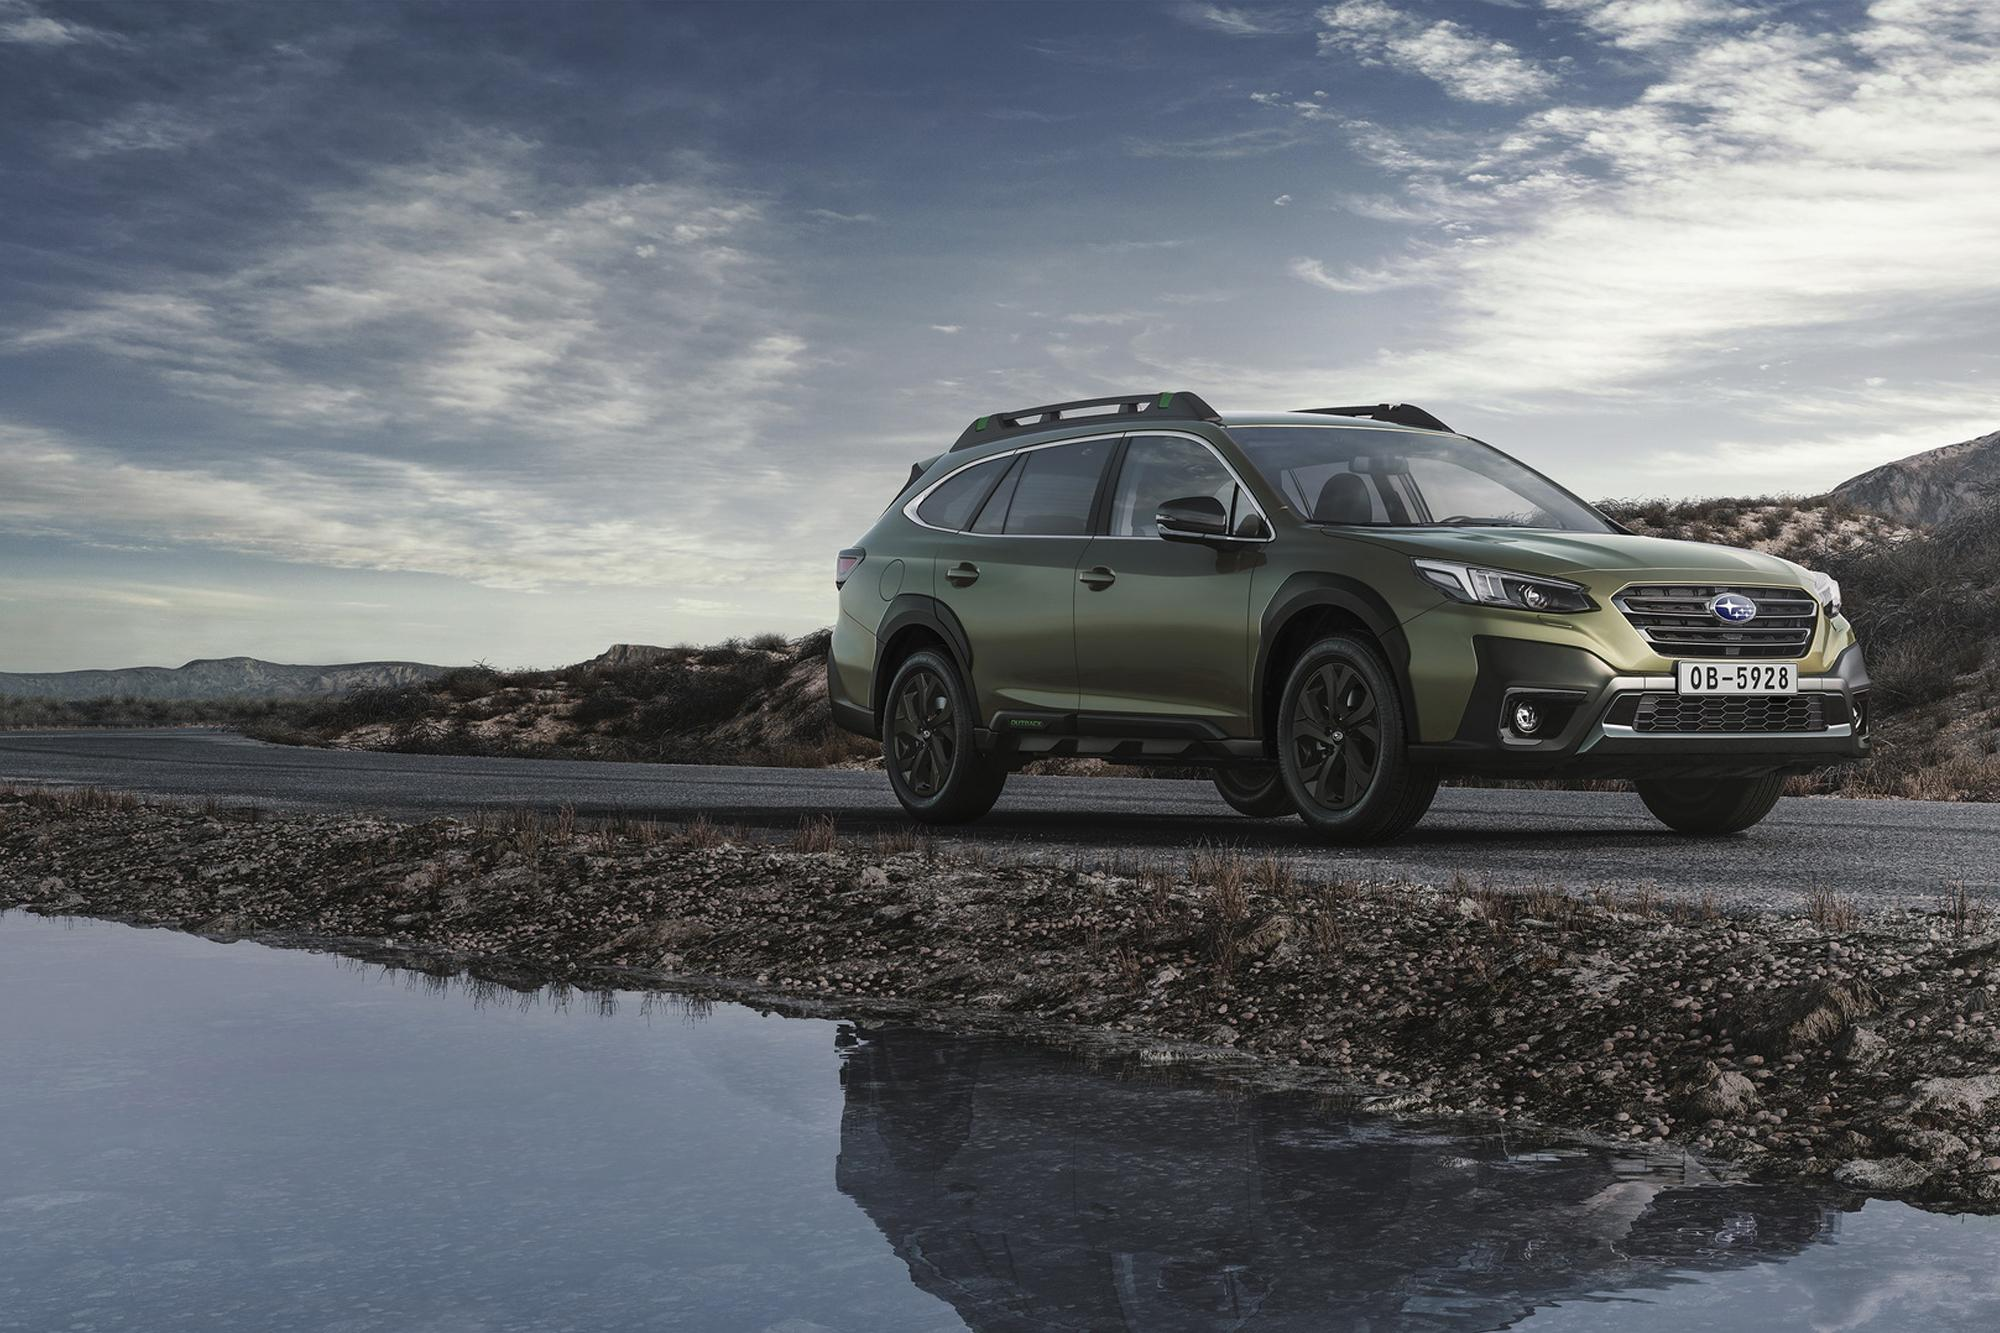 Το Subaru Outback έρχεται στην Ευρώπη!